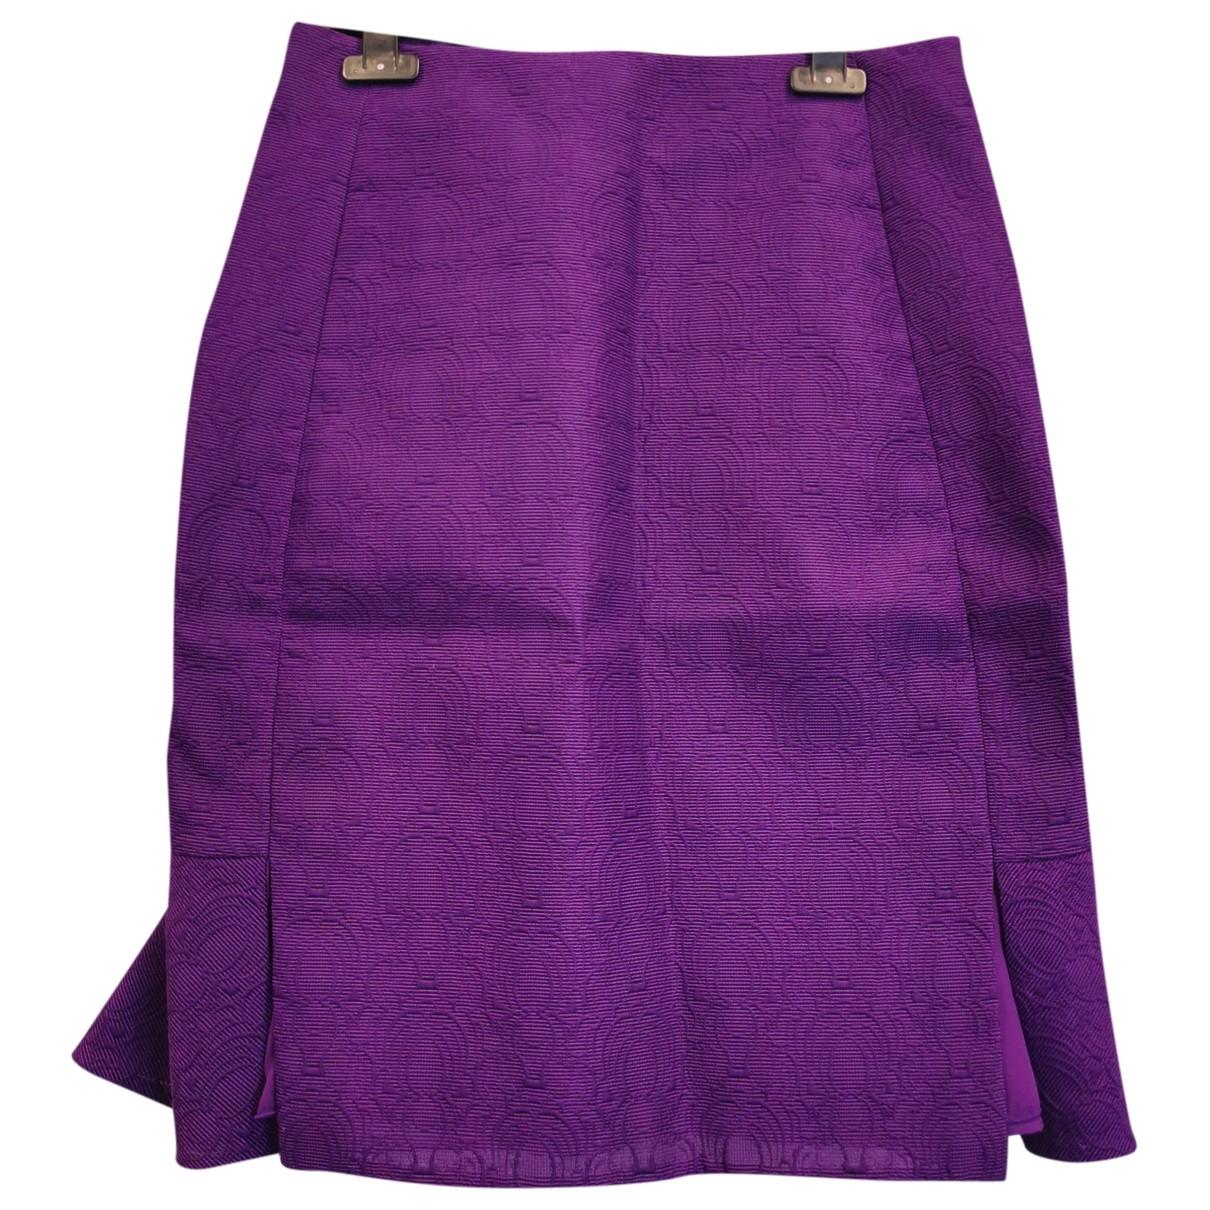 Yves Saint Laurent - Jupe   pour femme - violet